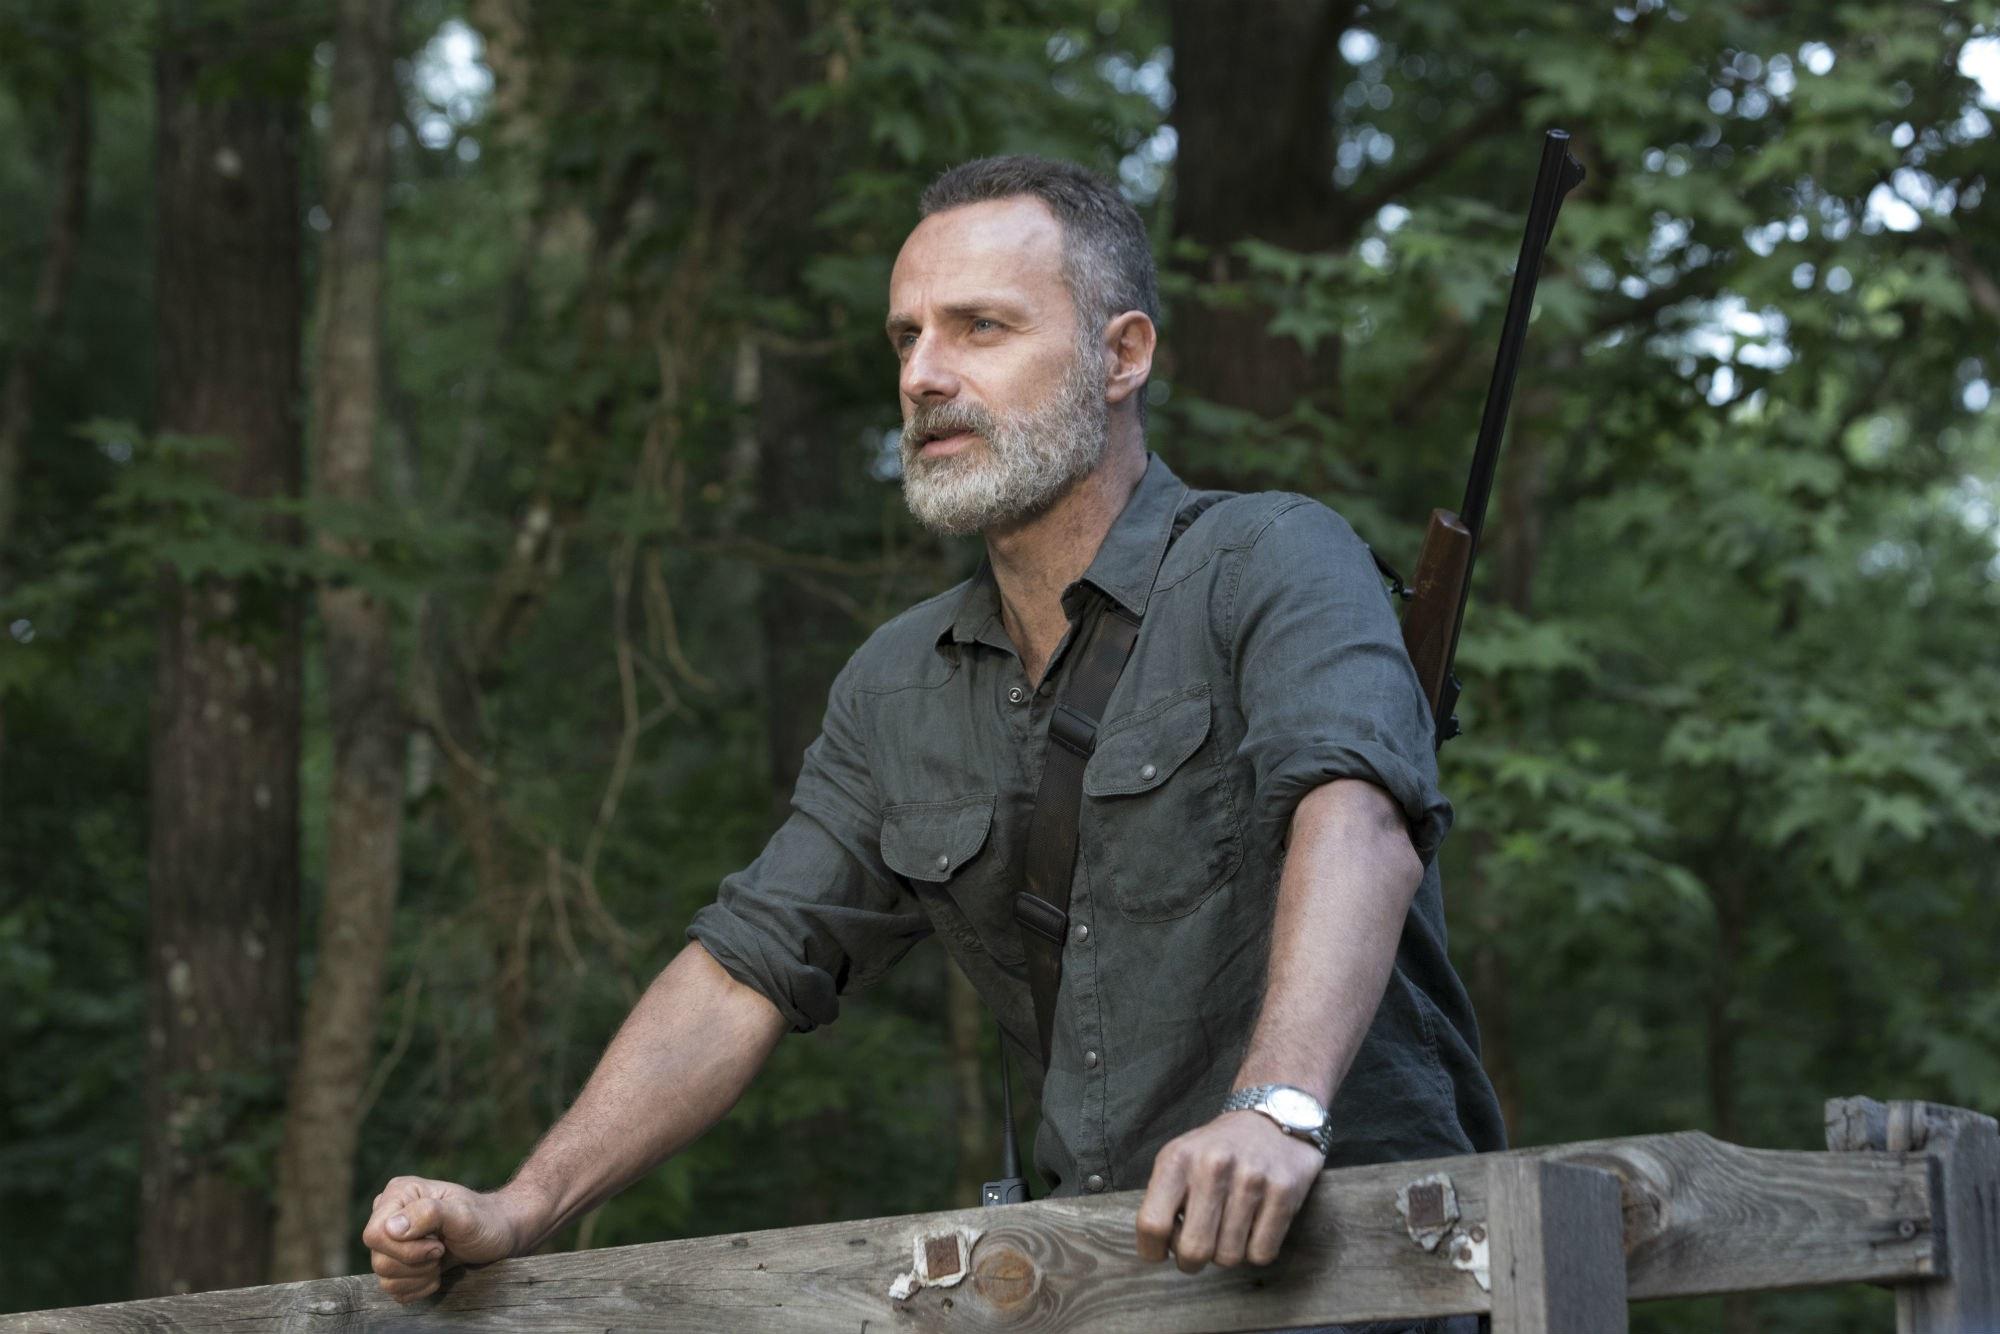 AMC annonce un deuxième spin off de la série The Walking Dead ainsi qu'une trilogie de films avec le retour d'Andrew Lincoln alias Rick Grimes